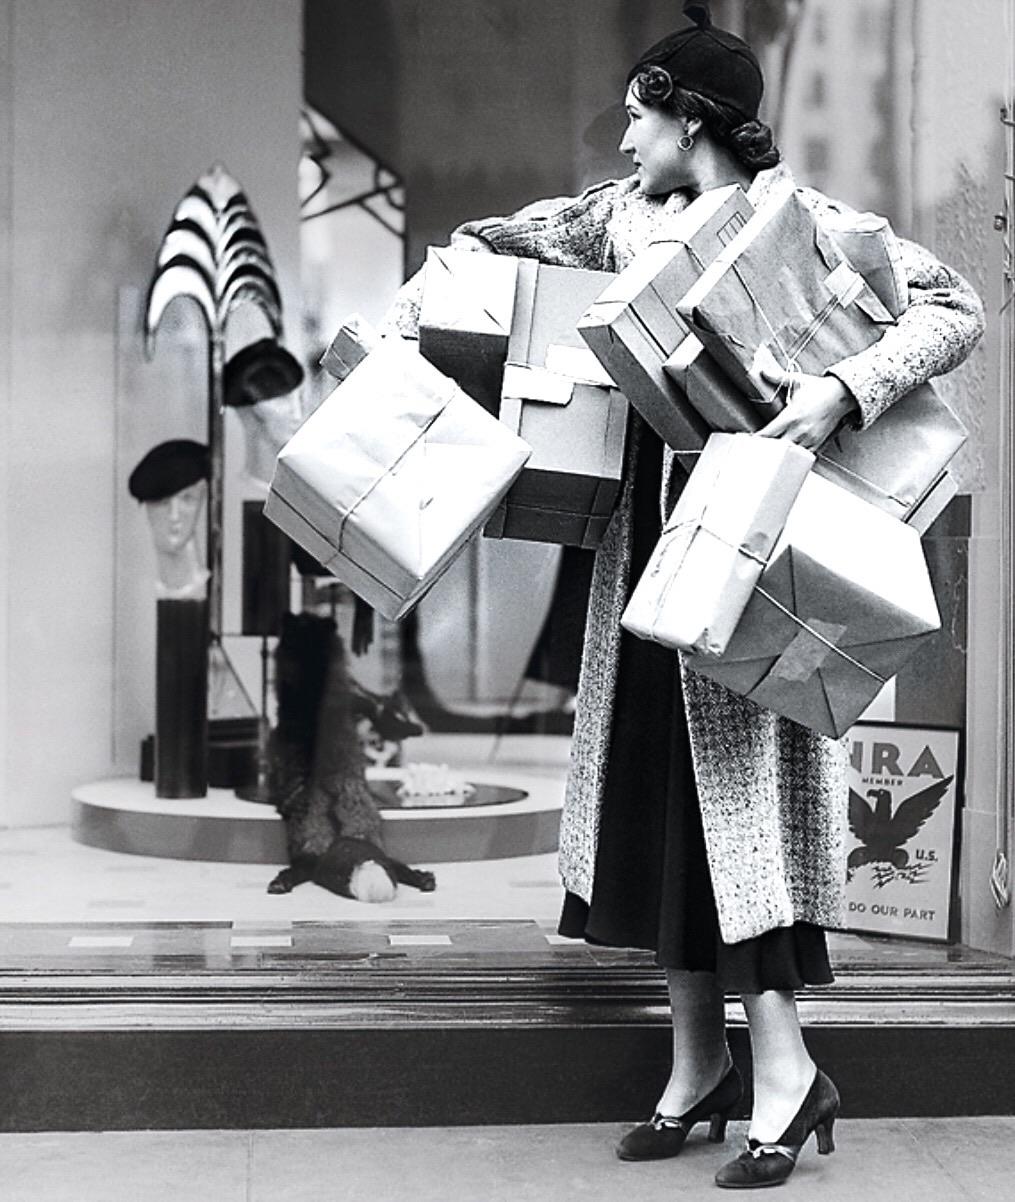 « Buy less, choose well, make it last » - Vivienne Westwood